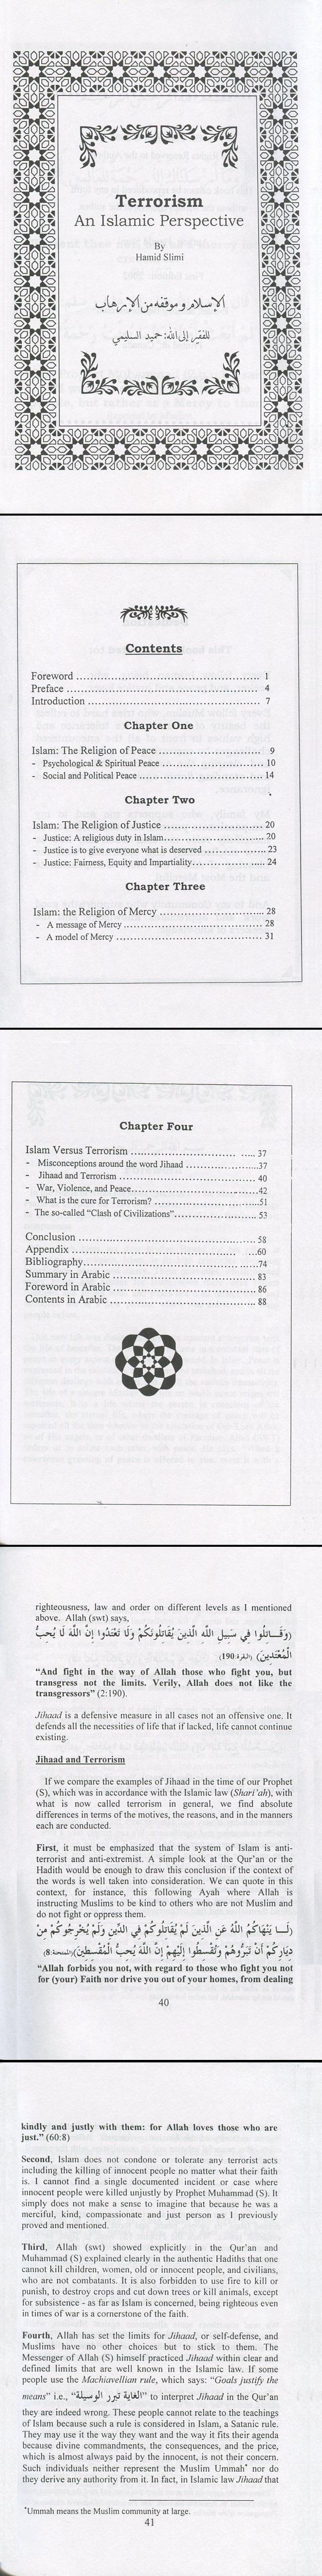 SLIMI Terrorism Cover